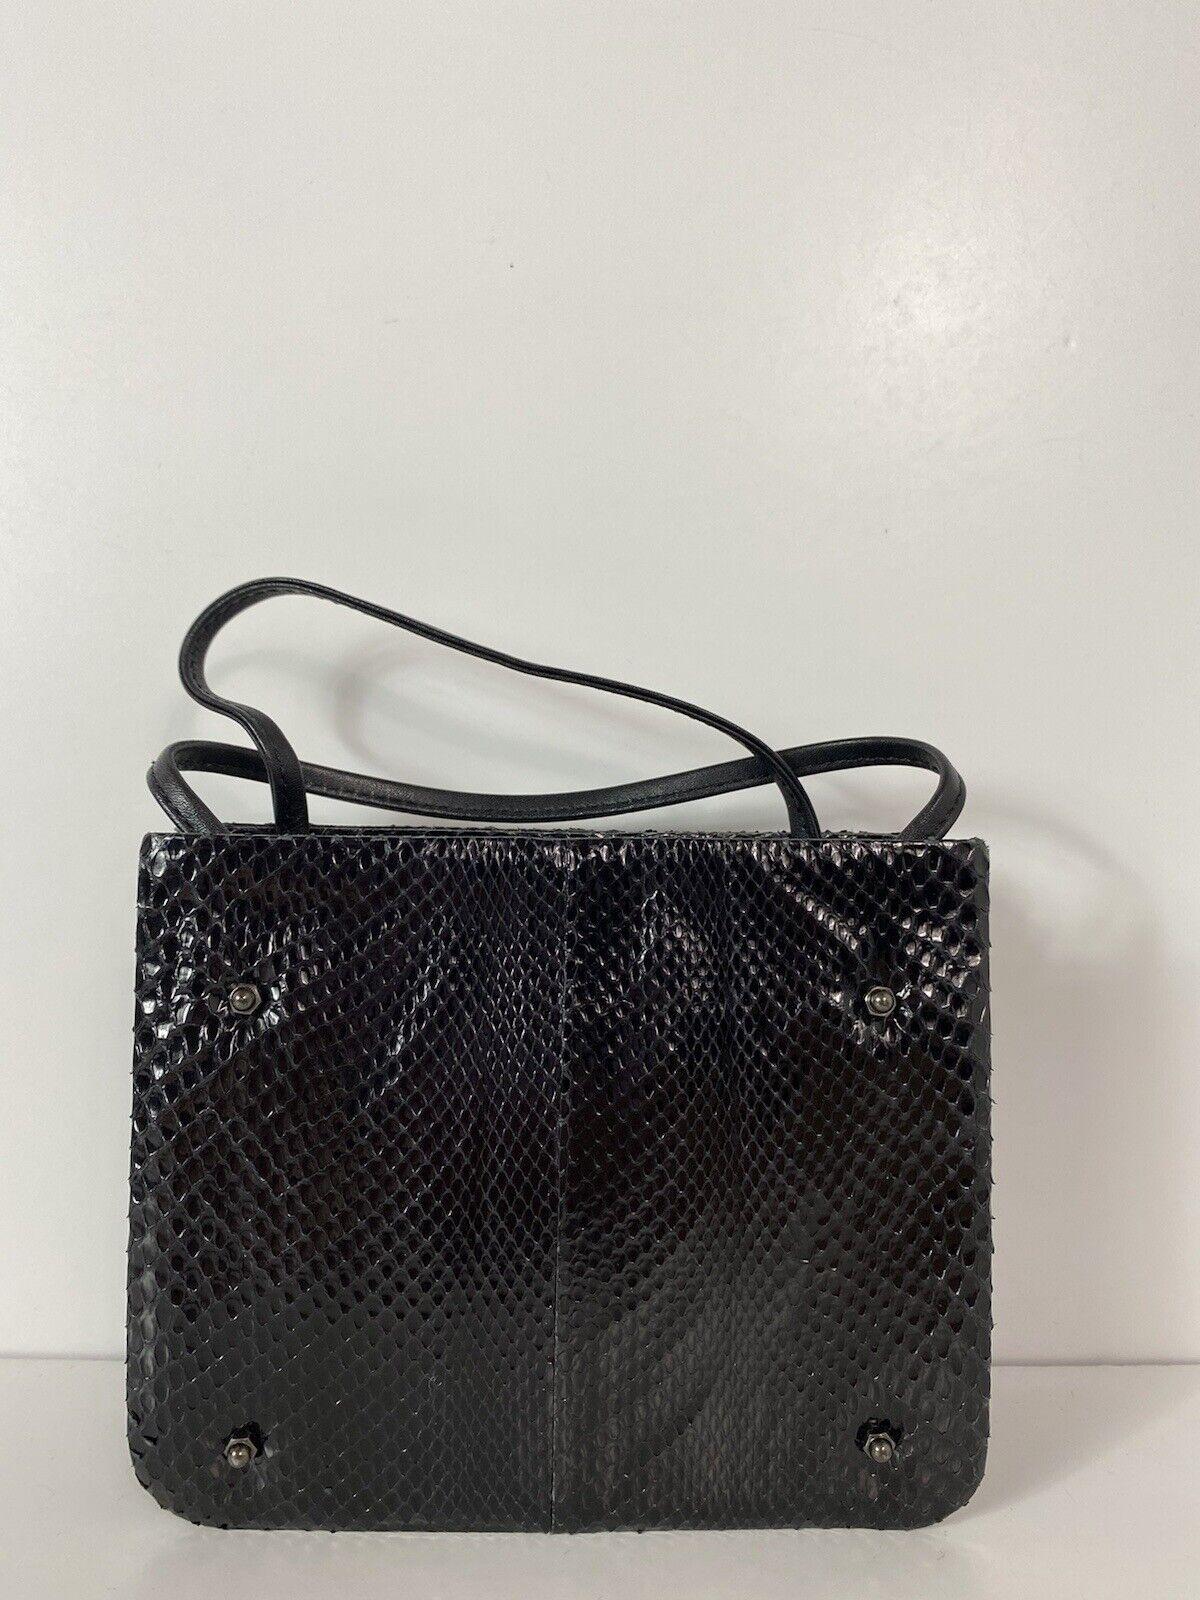 RARE VTG ALEXANDER McQUEEN 90s BLACK SNAKE BAG - image 1